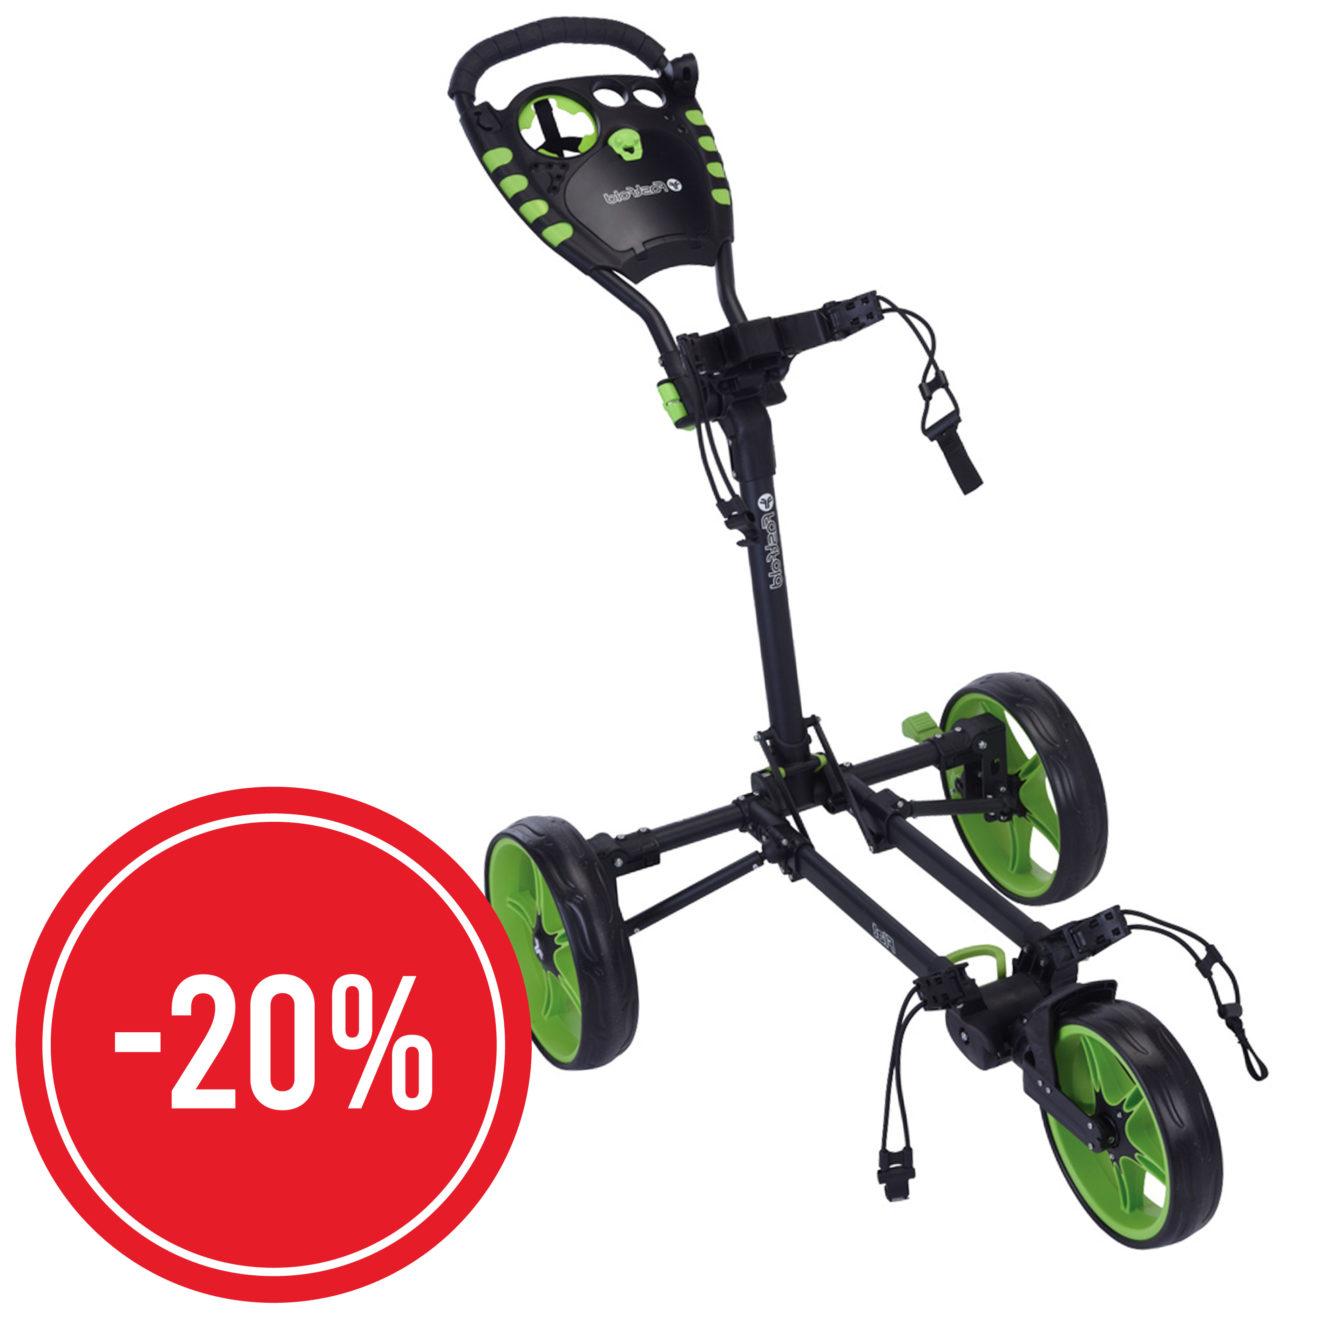 chariot-fastfold-vert-20%